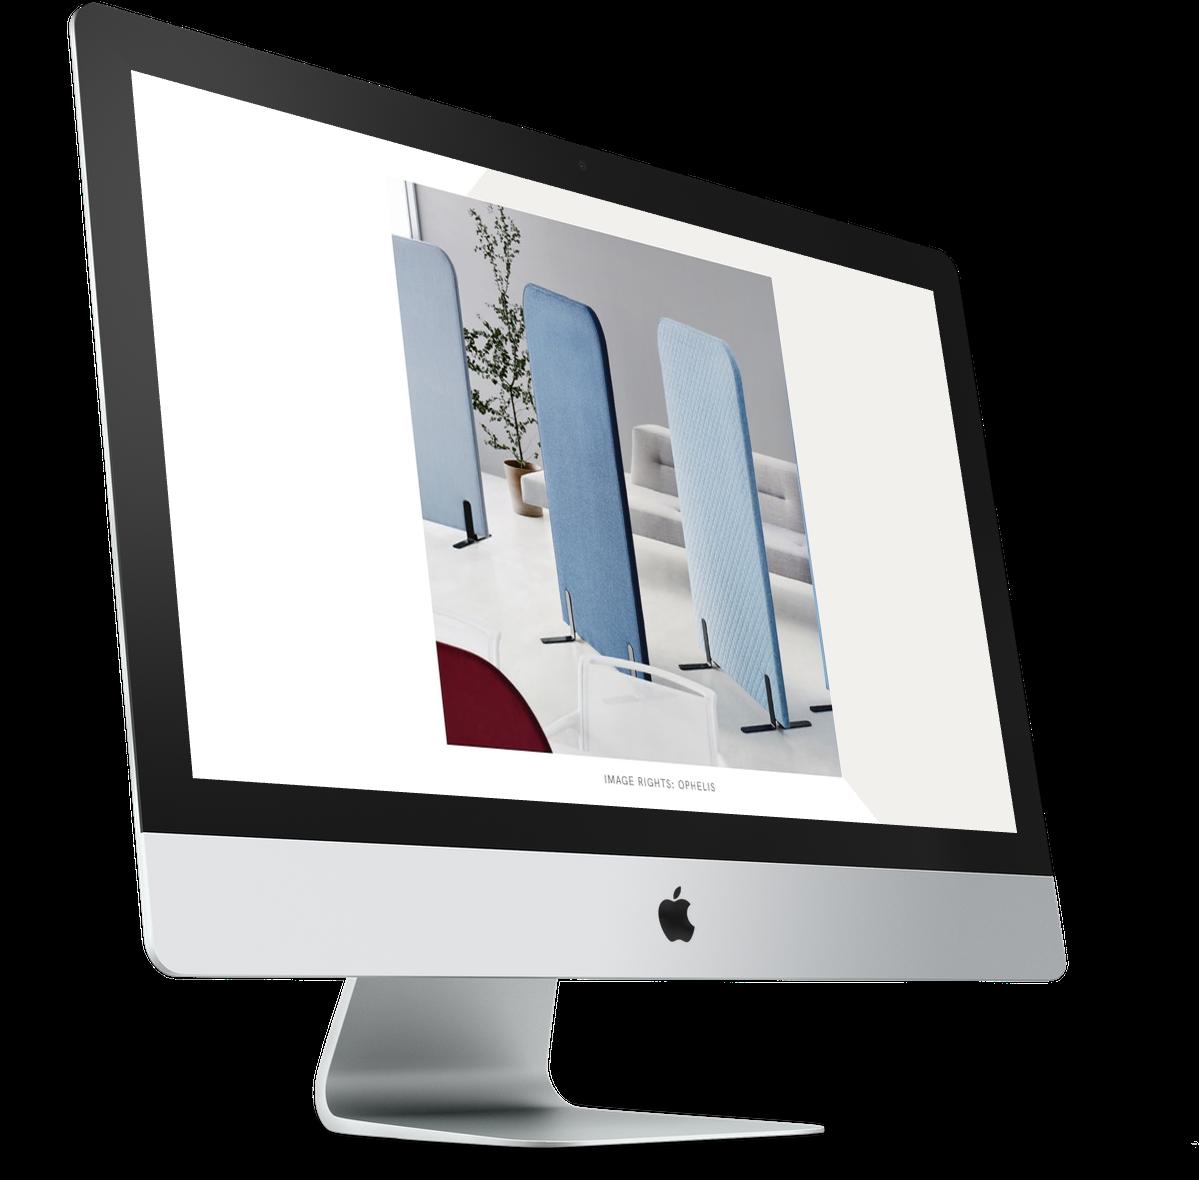 Mockup of HVCO2 document opened on iMac